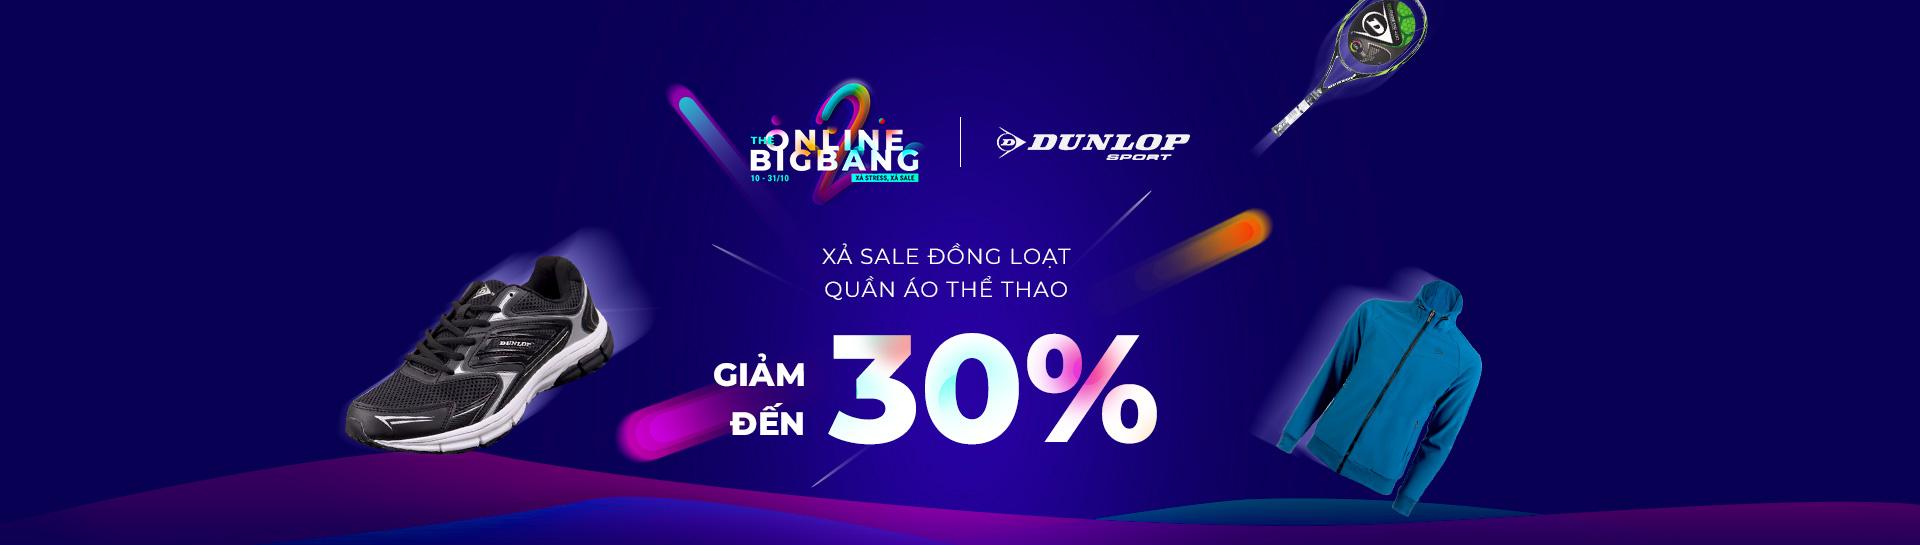 Hình ảnh Dunlop - Giảm giá đến 30%